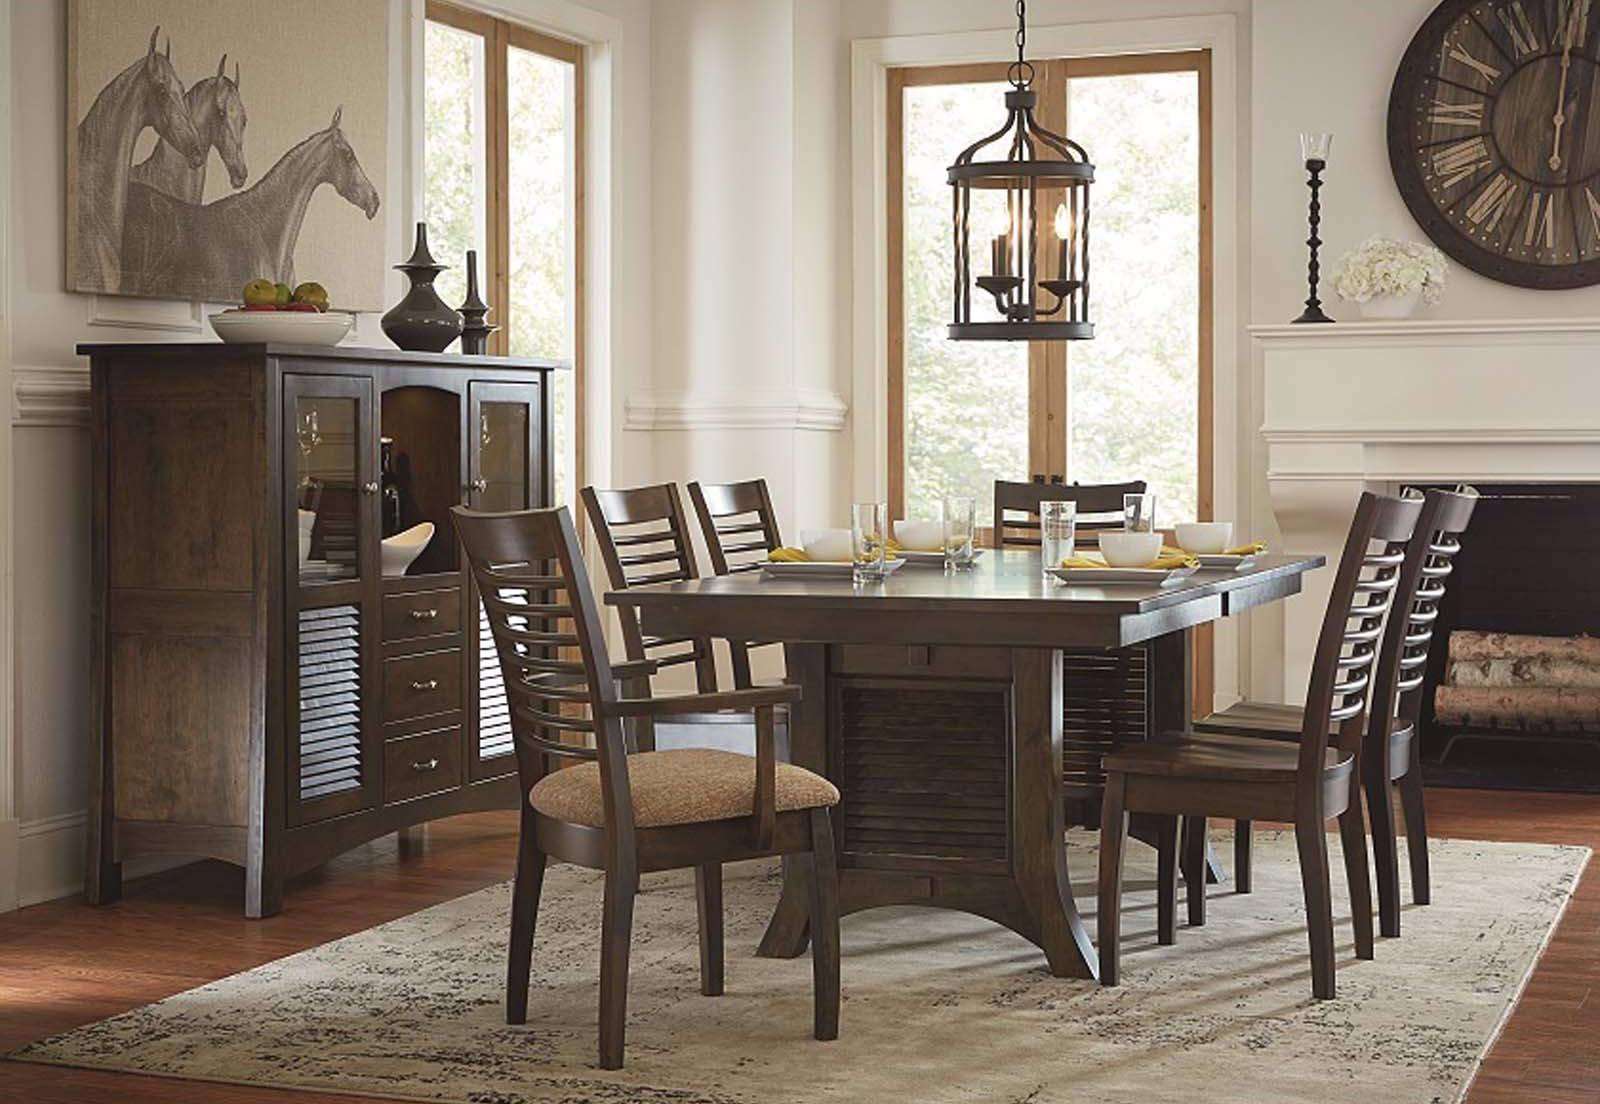 Stewart Roth Furniture image 7